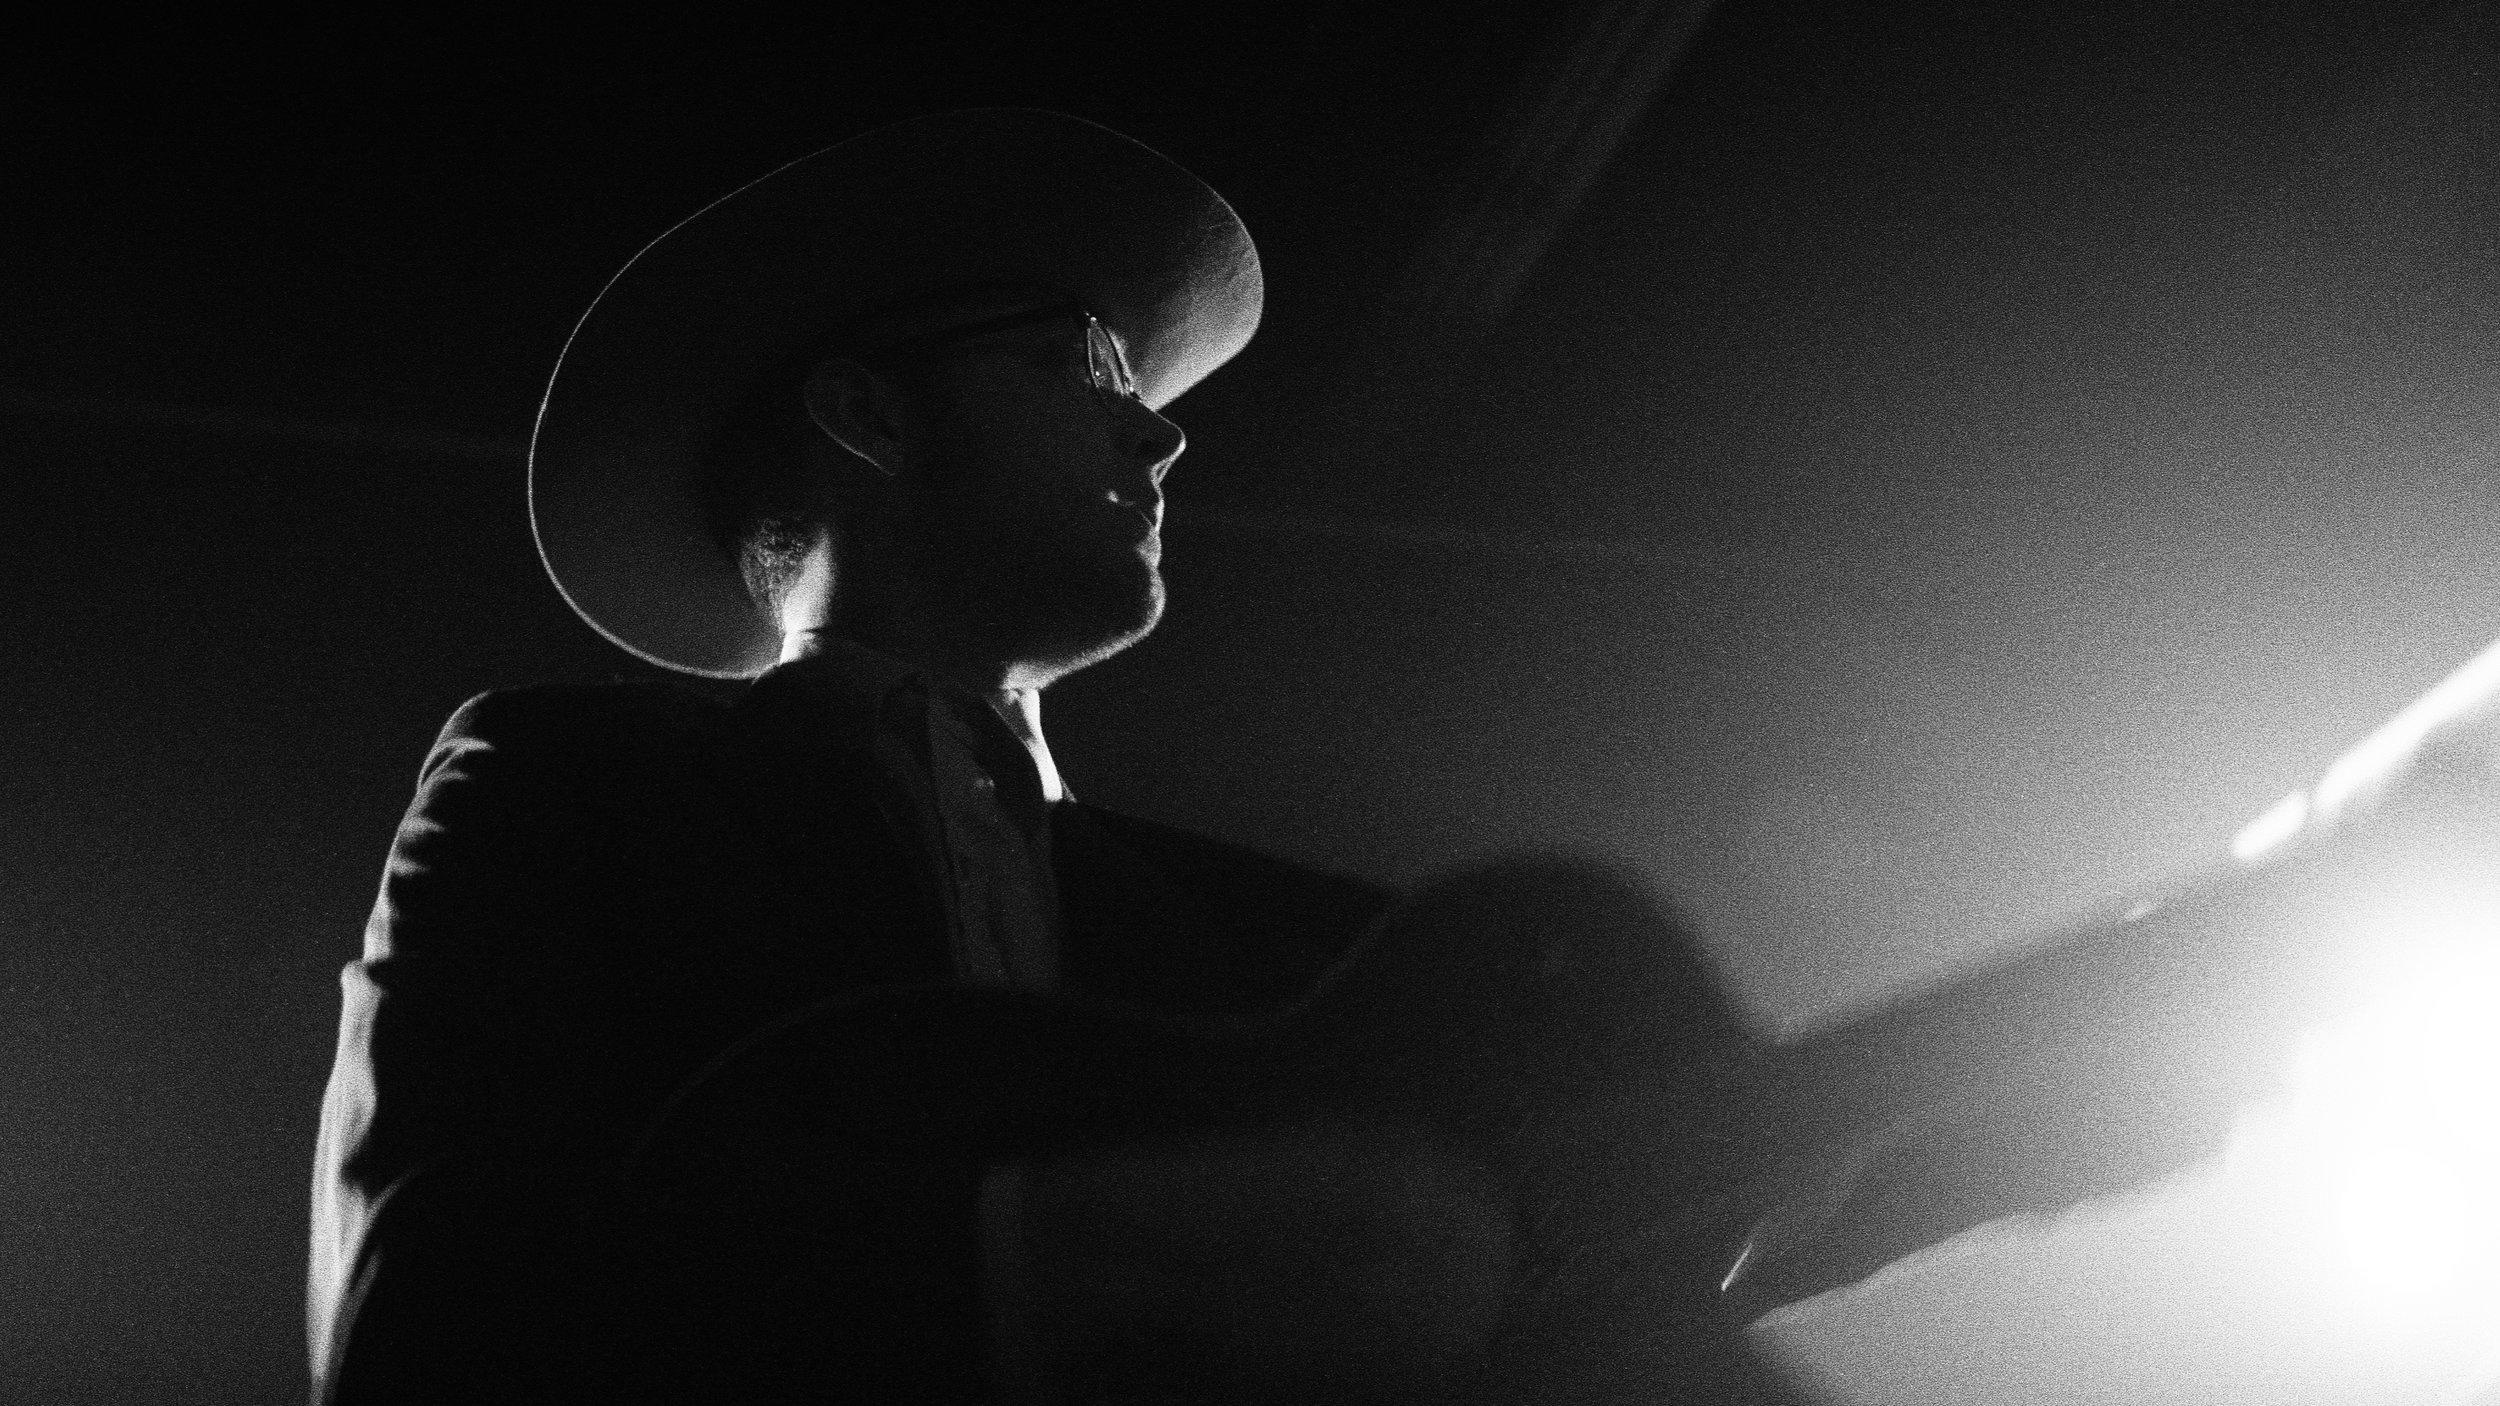 Joel Flora - Snakes Music Video - Frame 2.jpg